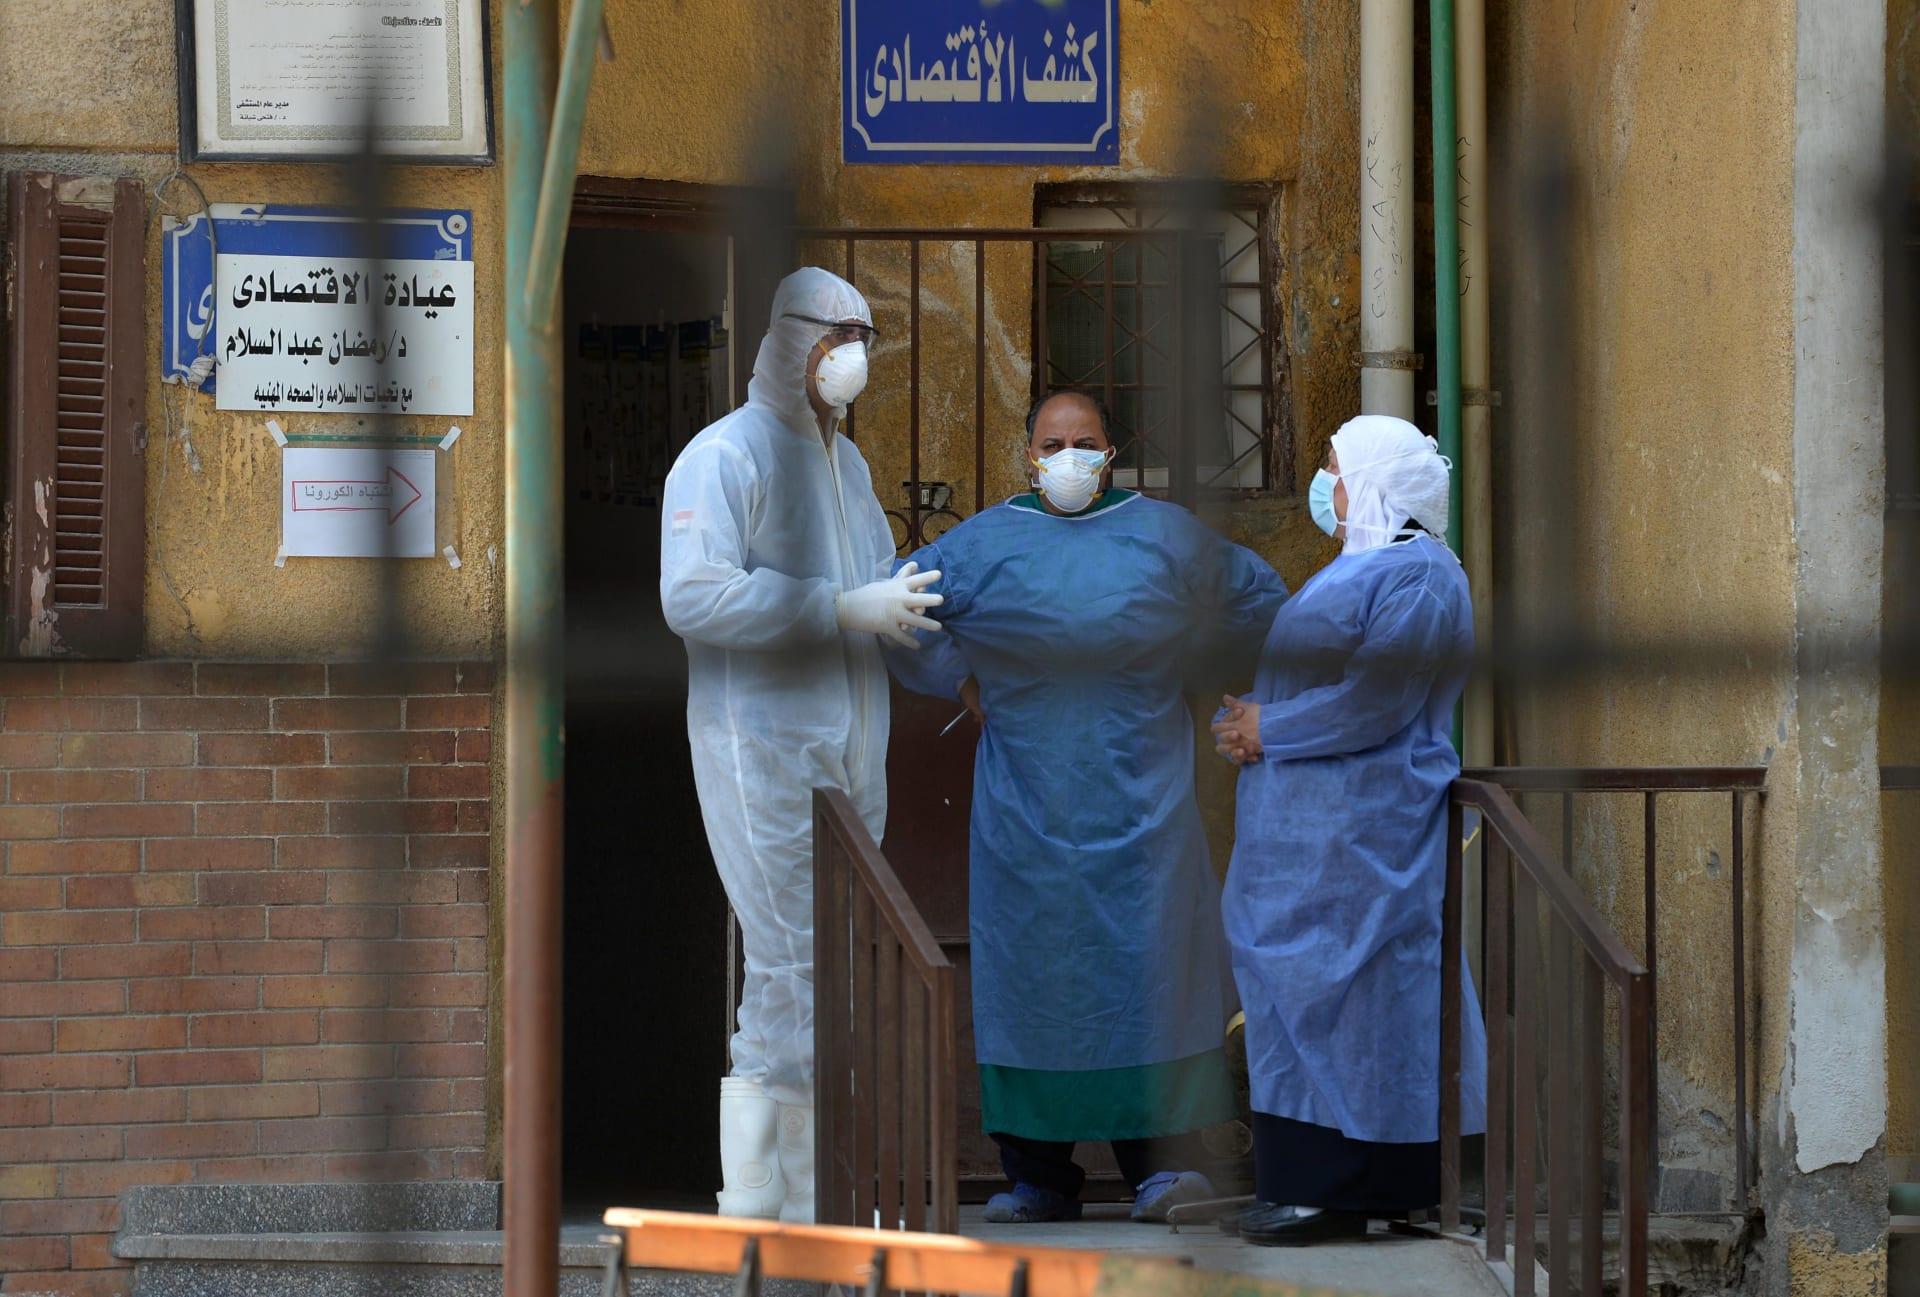 مصر: انخفاض في وتيرة الإصابات اليومية بعد ارتفاع قياسي.. ورقم جديد للوفيات